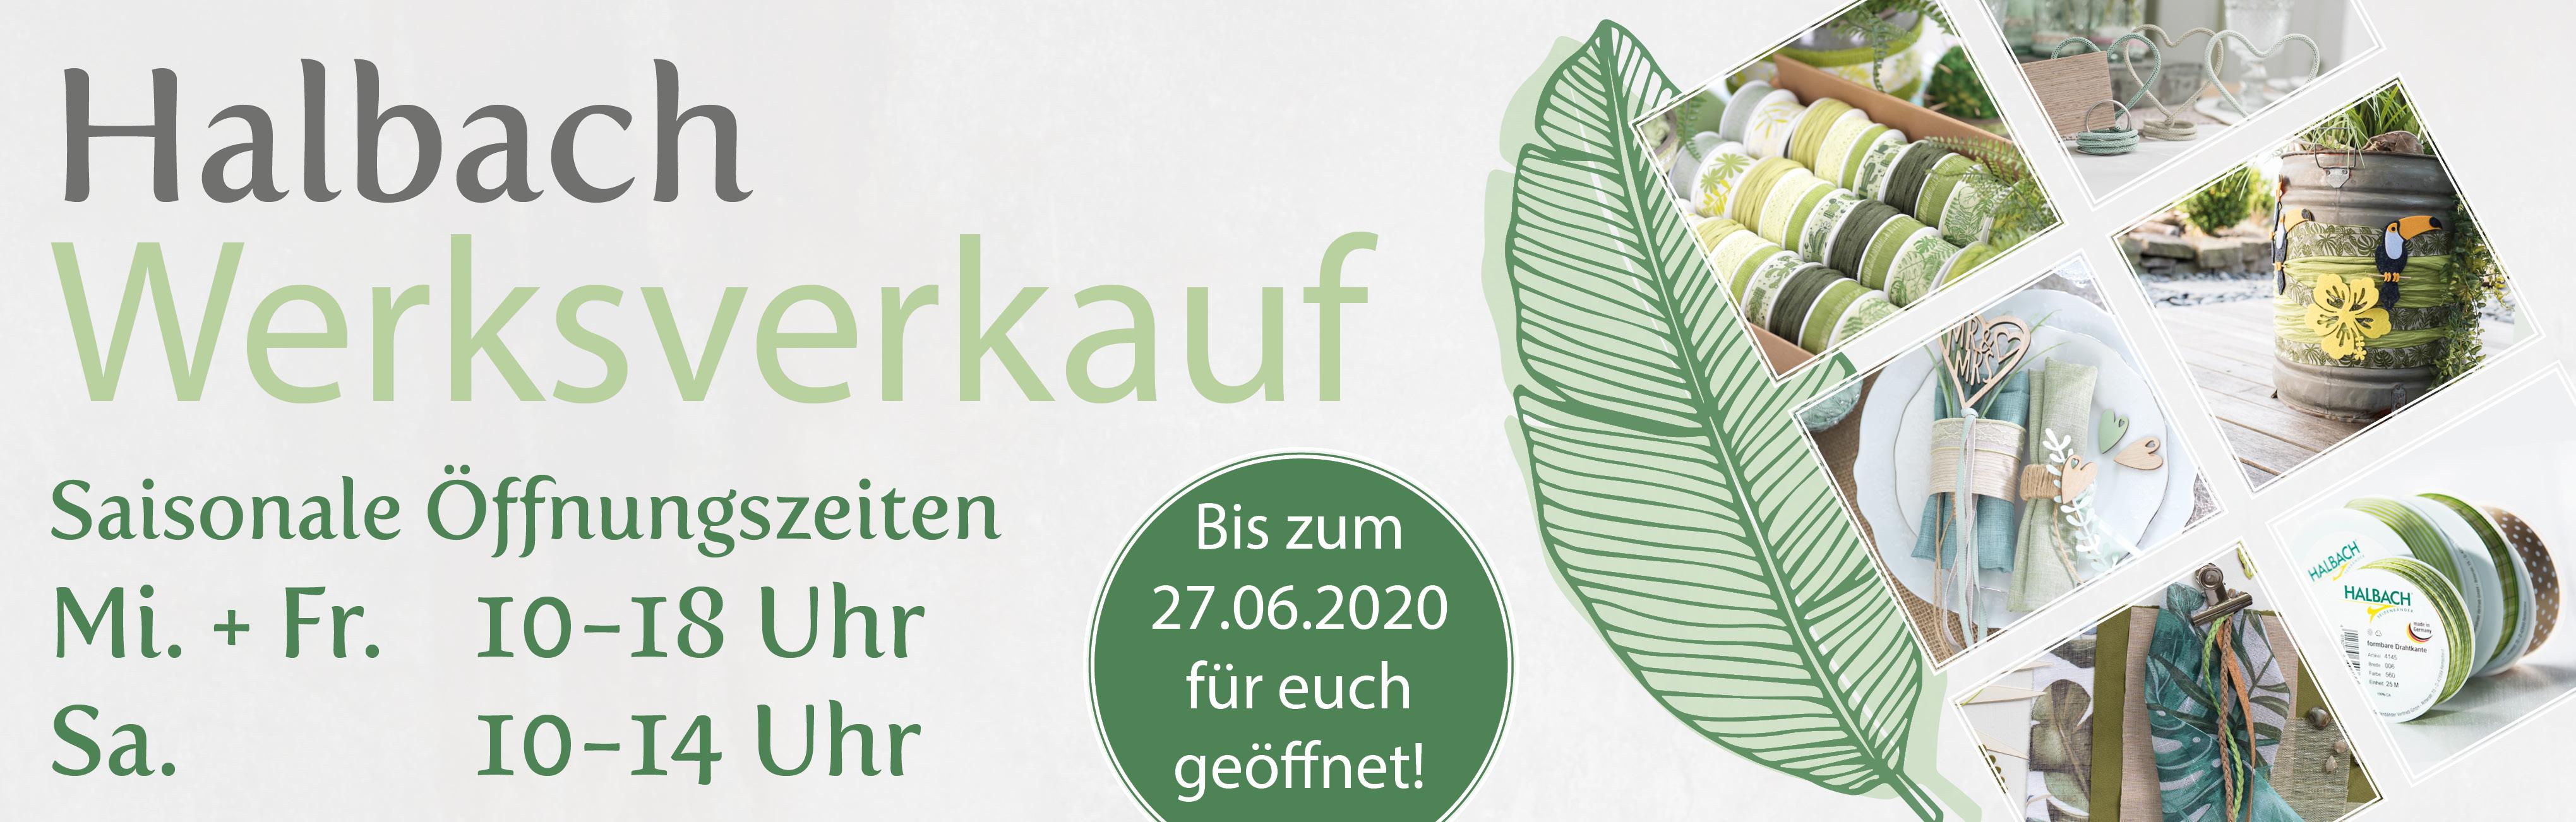 Startseitenbanner-Werksverkauf